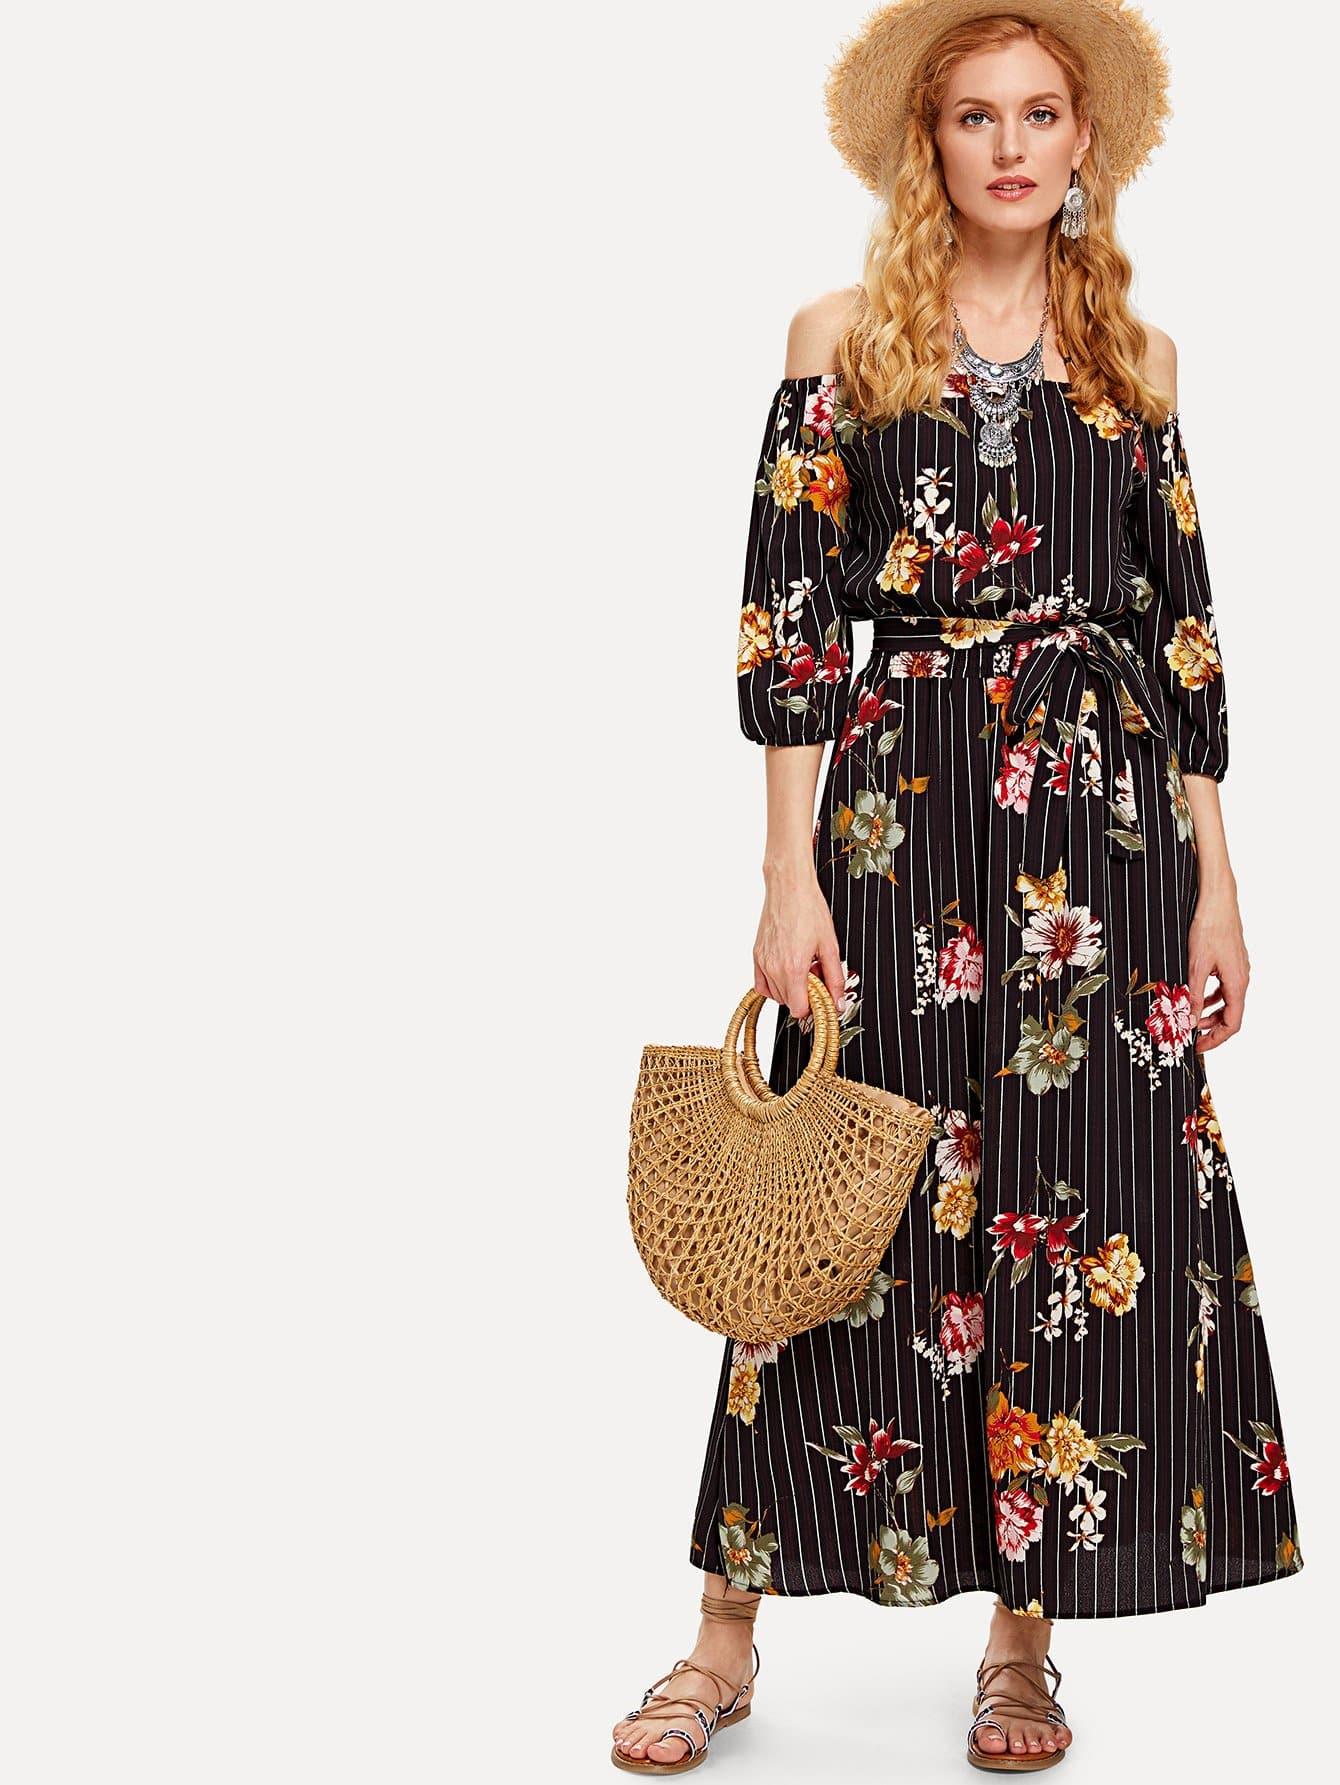 Off Shoulder Floral Print Striped Dress sweet off the shoulder floral dress for women